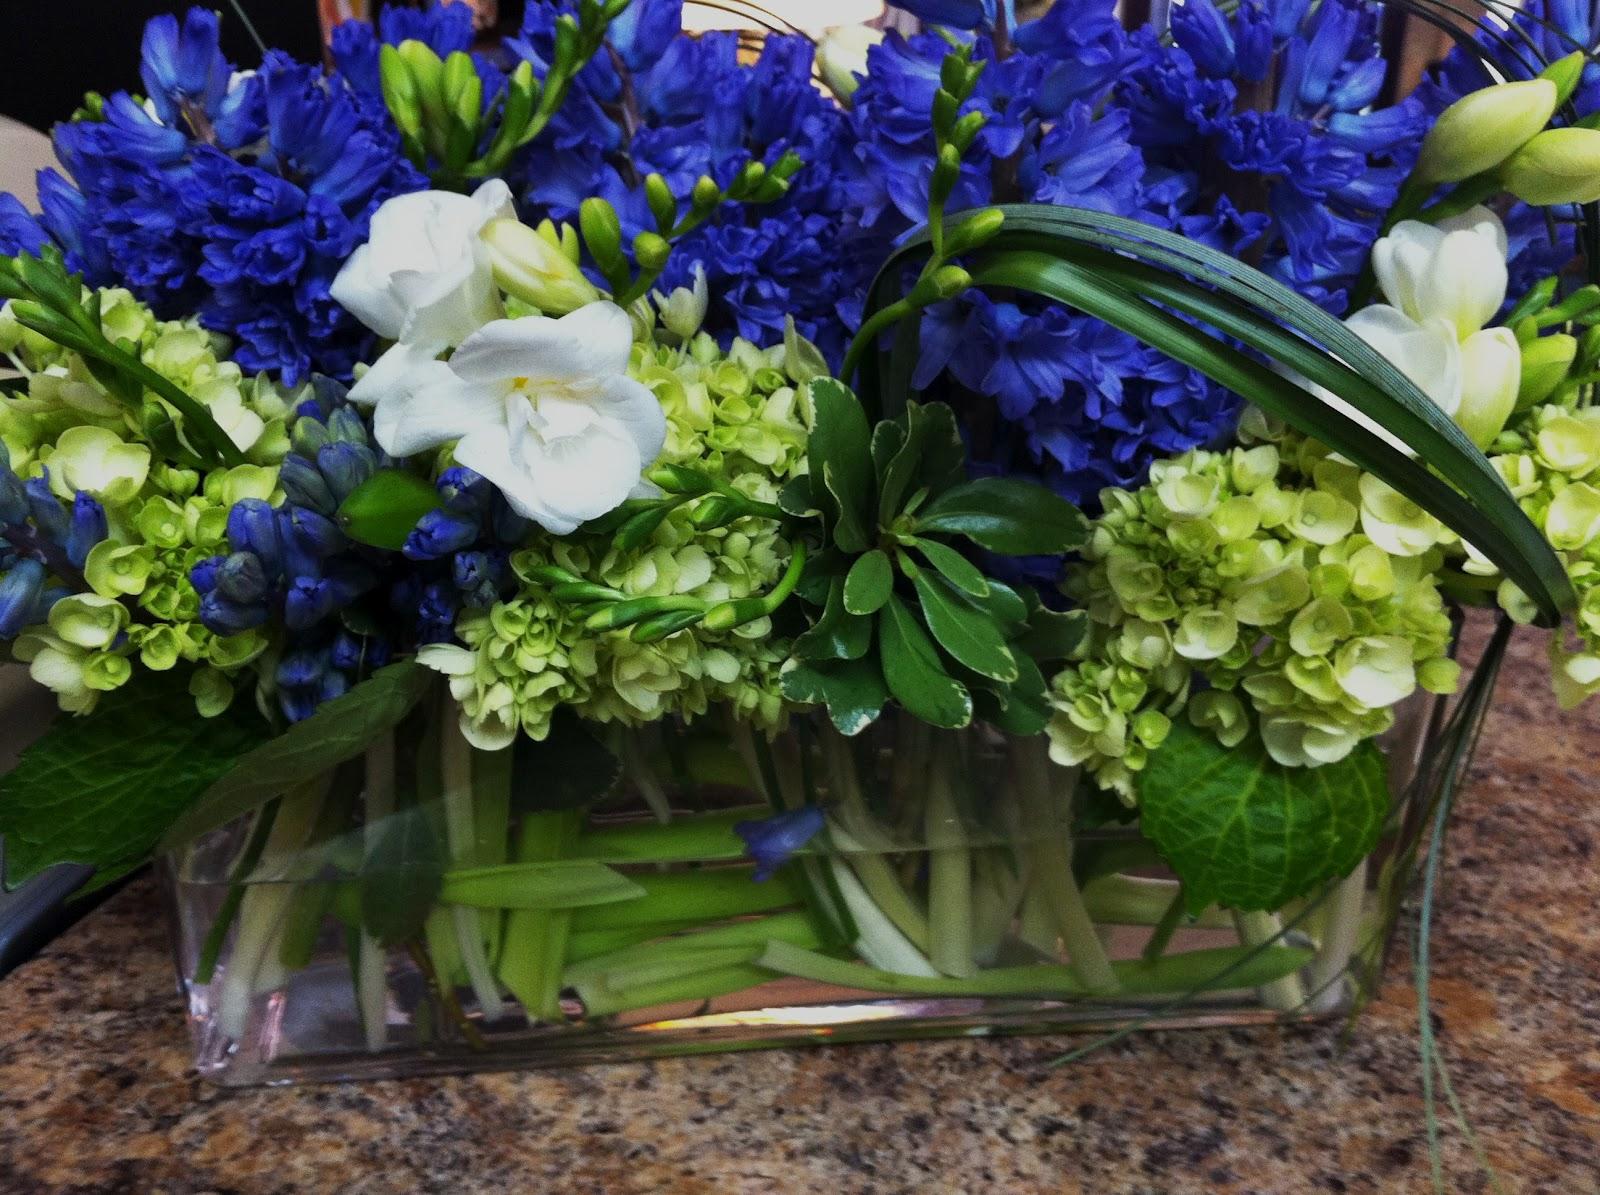 Boutique florale gigi lachine florist what we have been